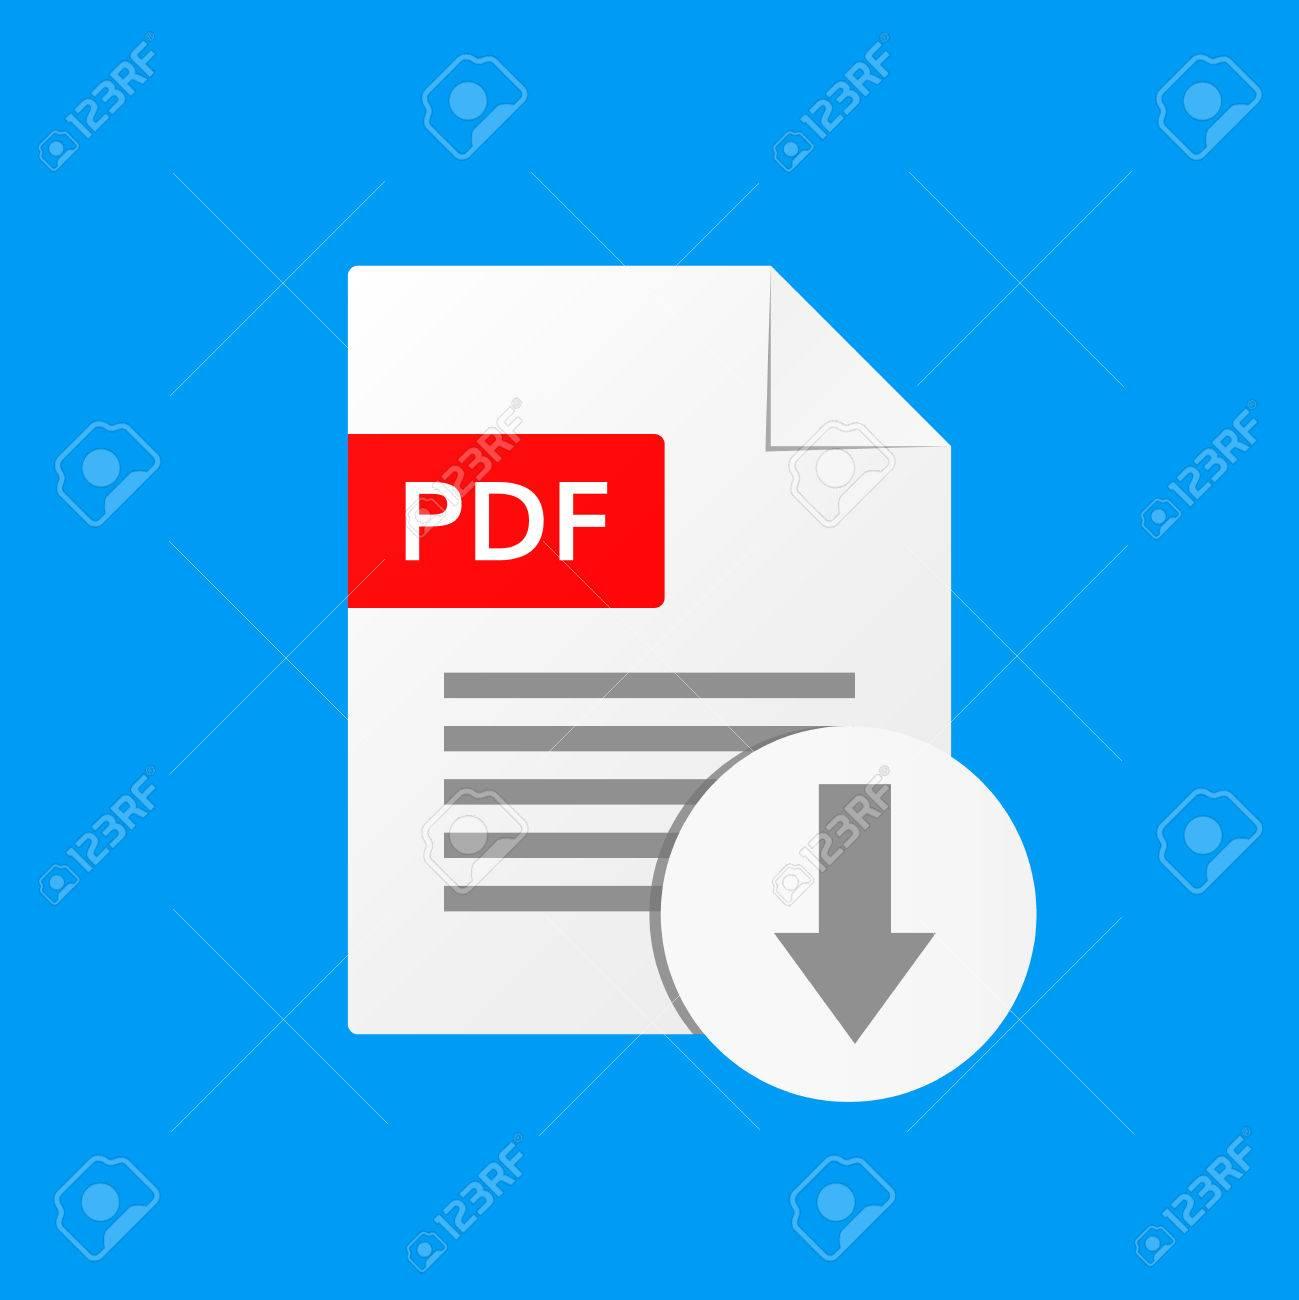 Como descargar un archivo pdf protegido de una página web.